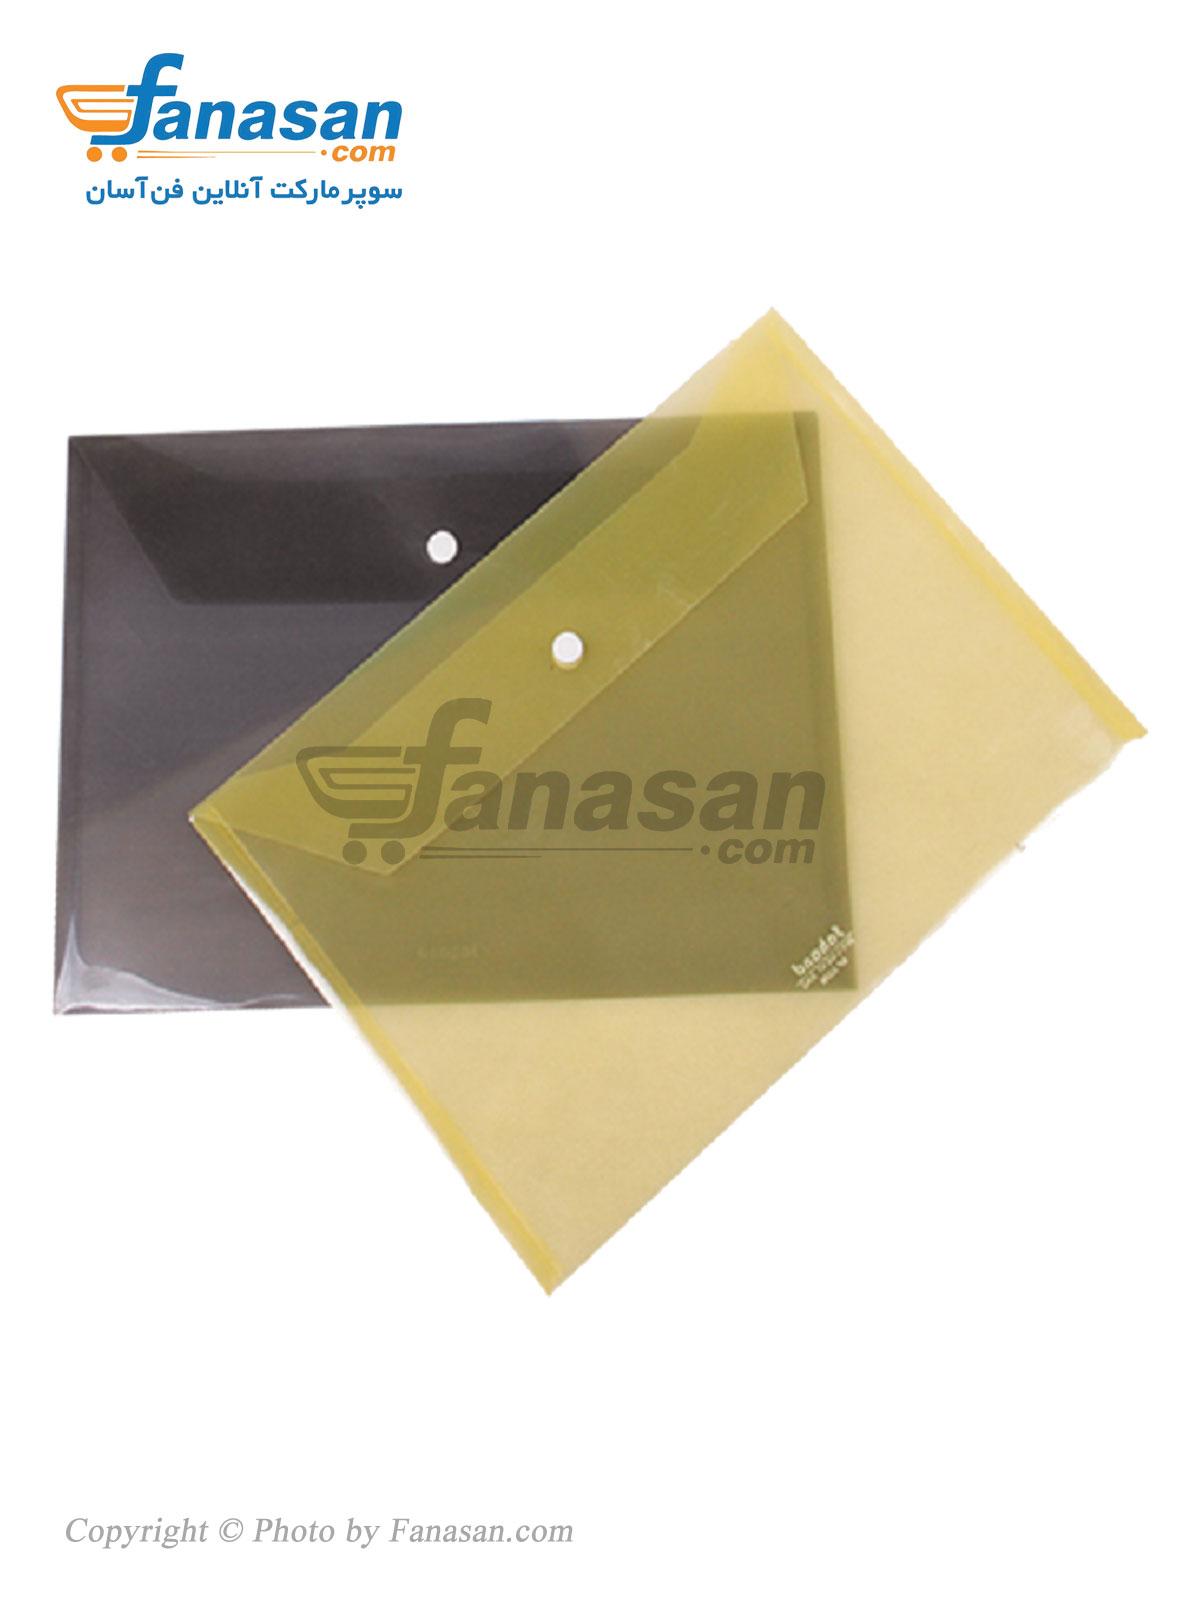 پاکت دکمه دار سهند ترانس ( شفاف ) سایز A4 در رنگ های مختلف